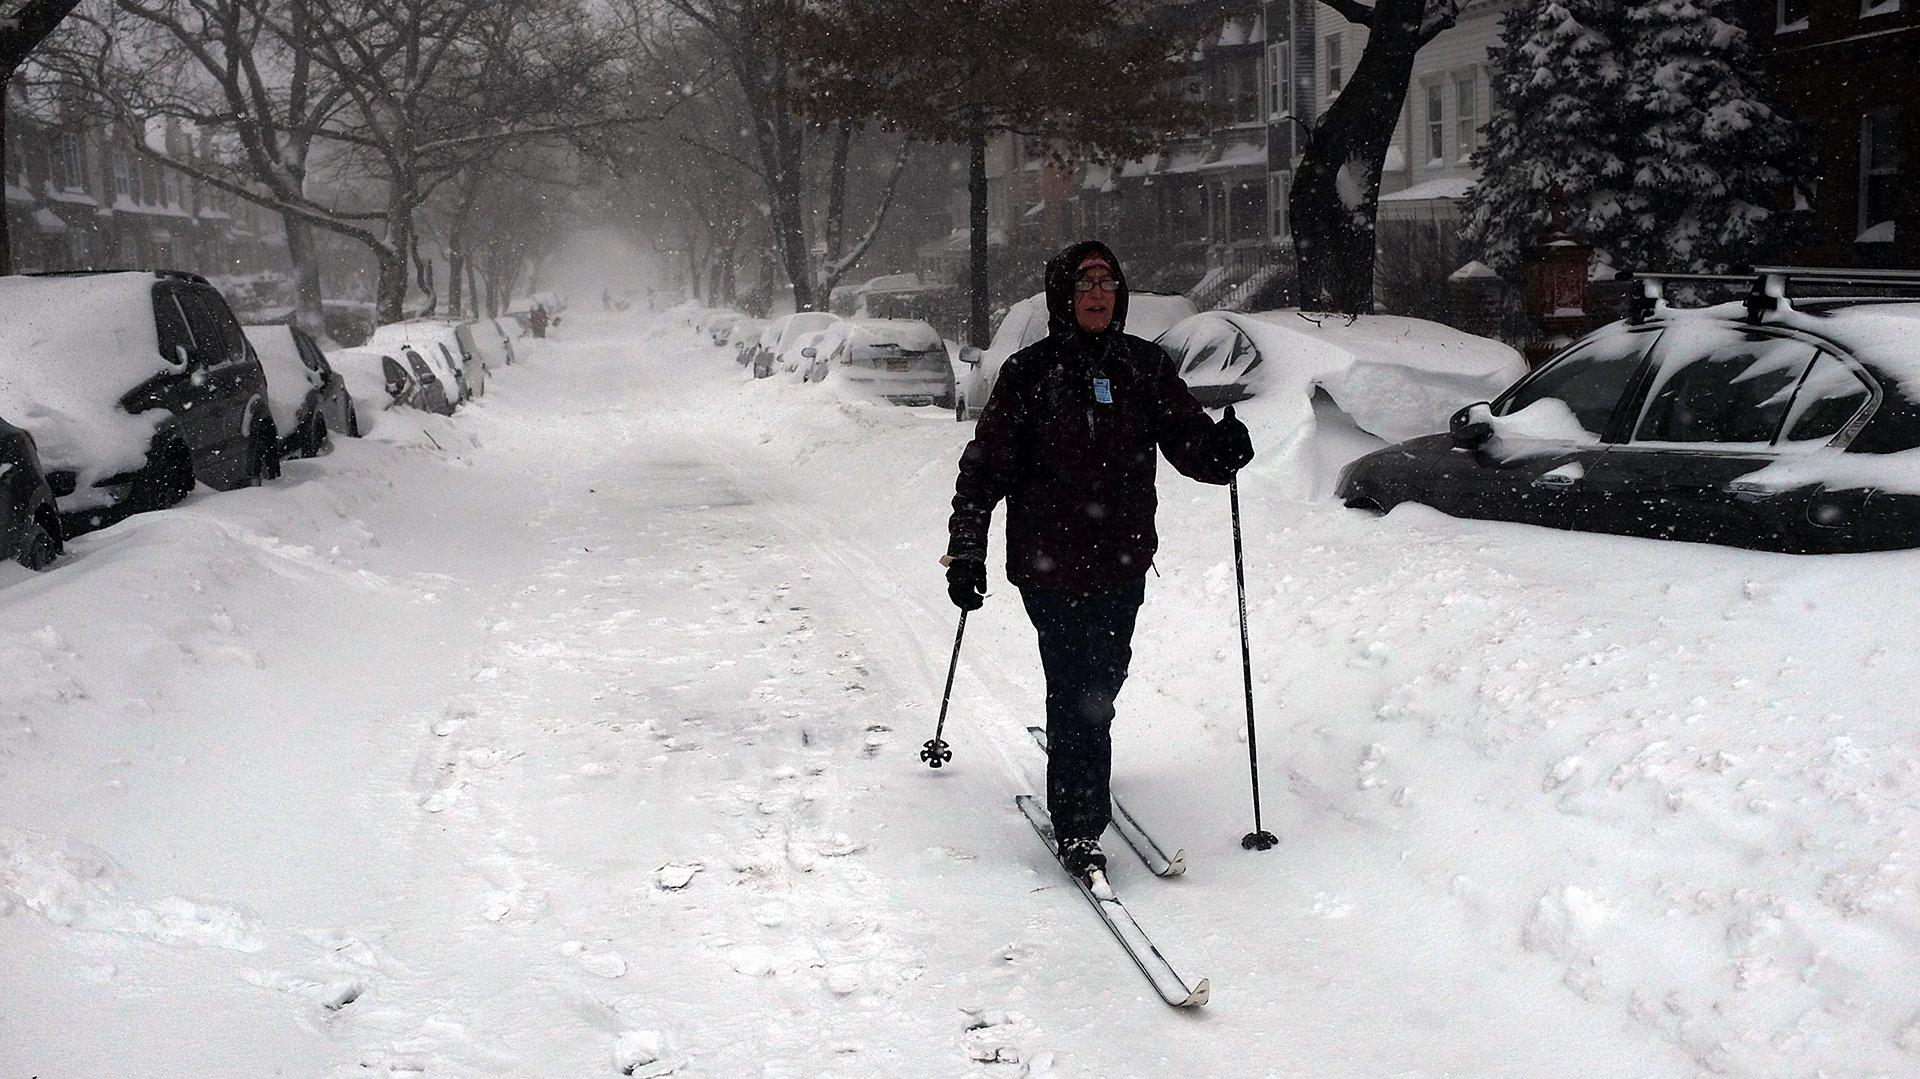 Una mujer de Brooklyn usando esquies en la nieve